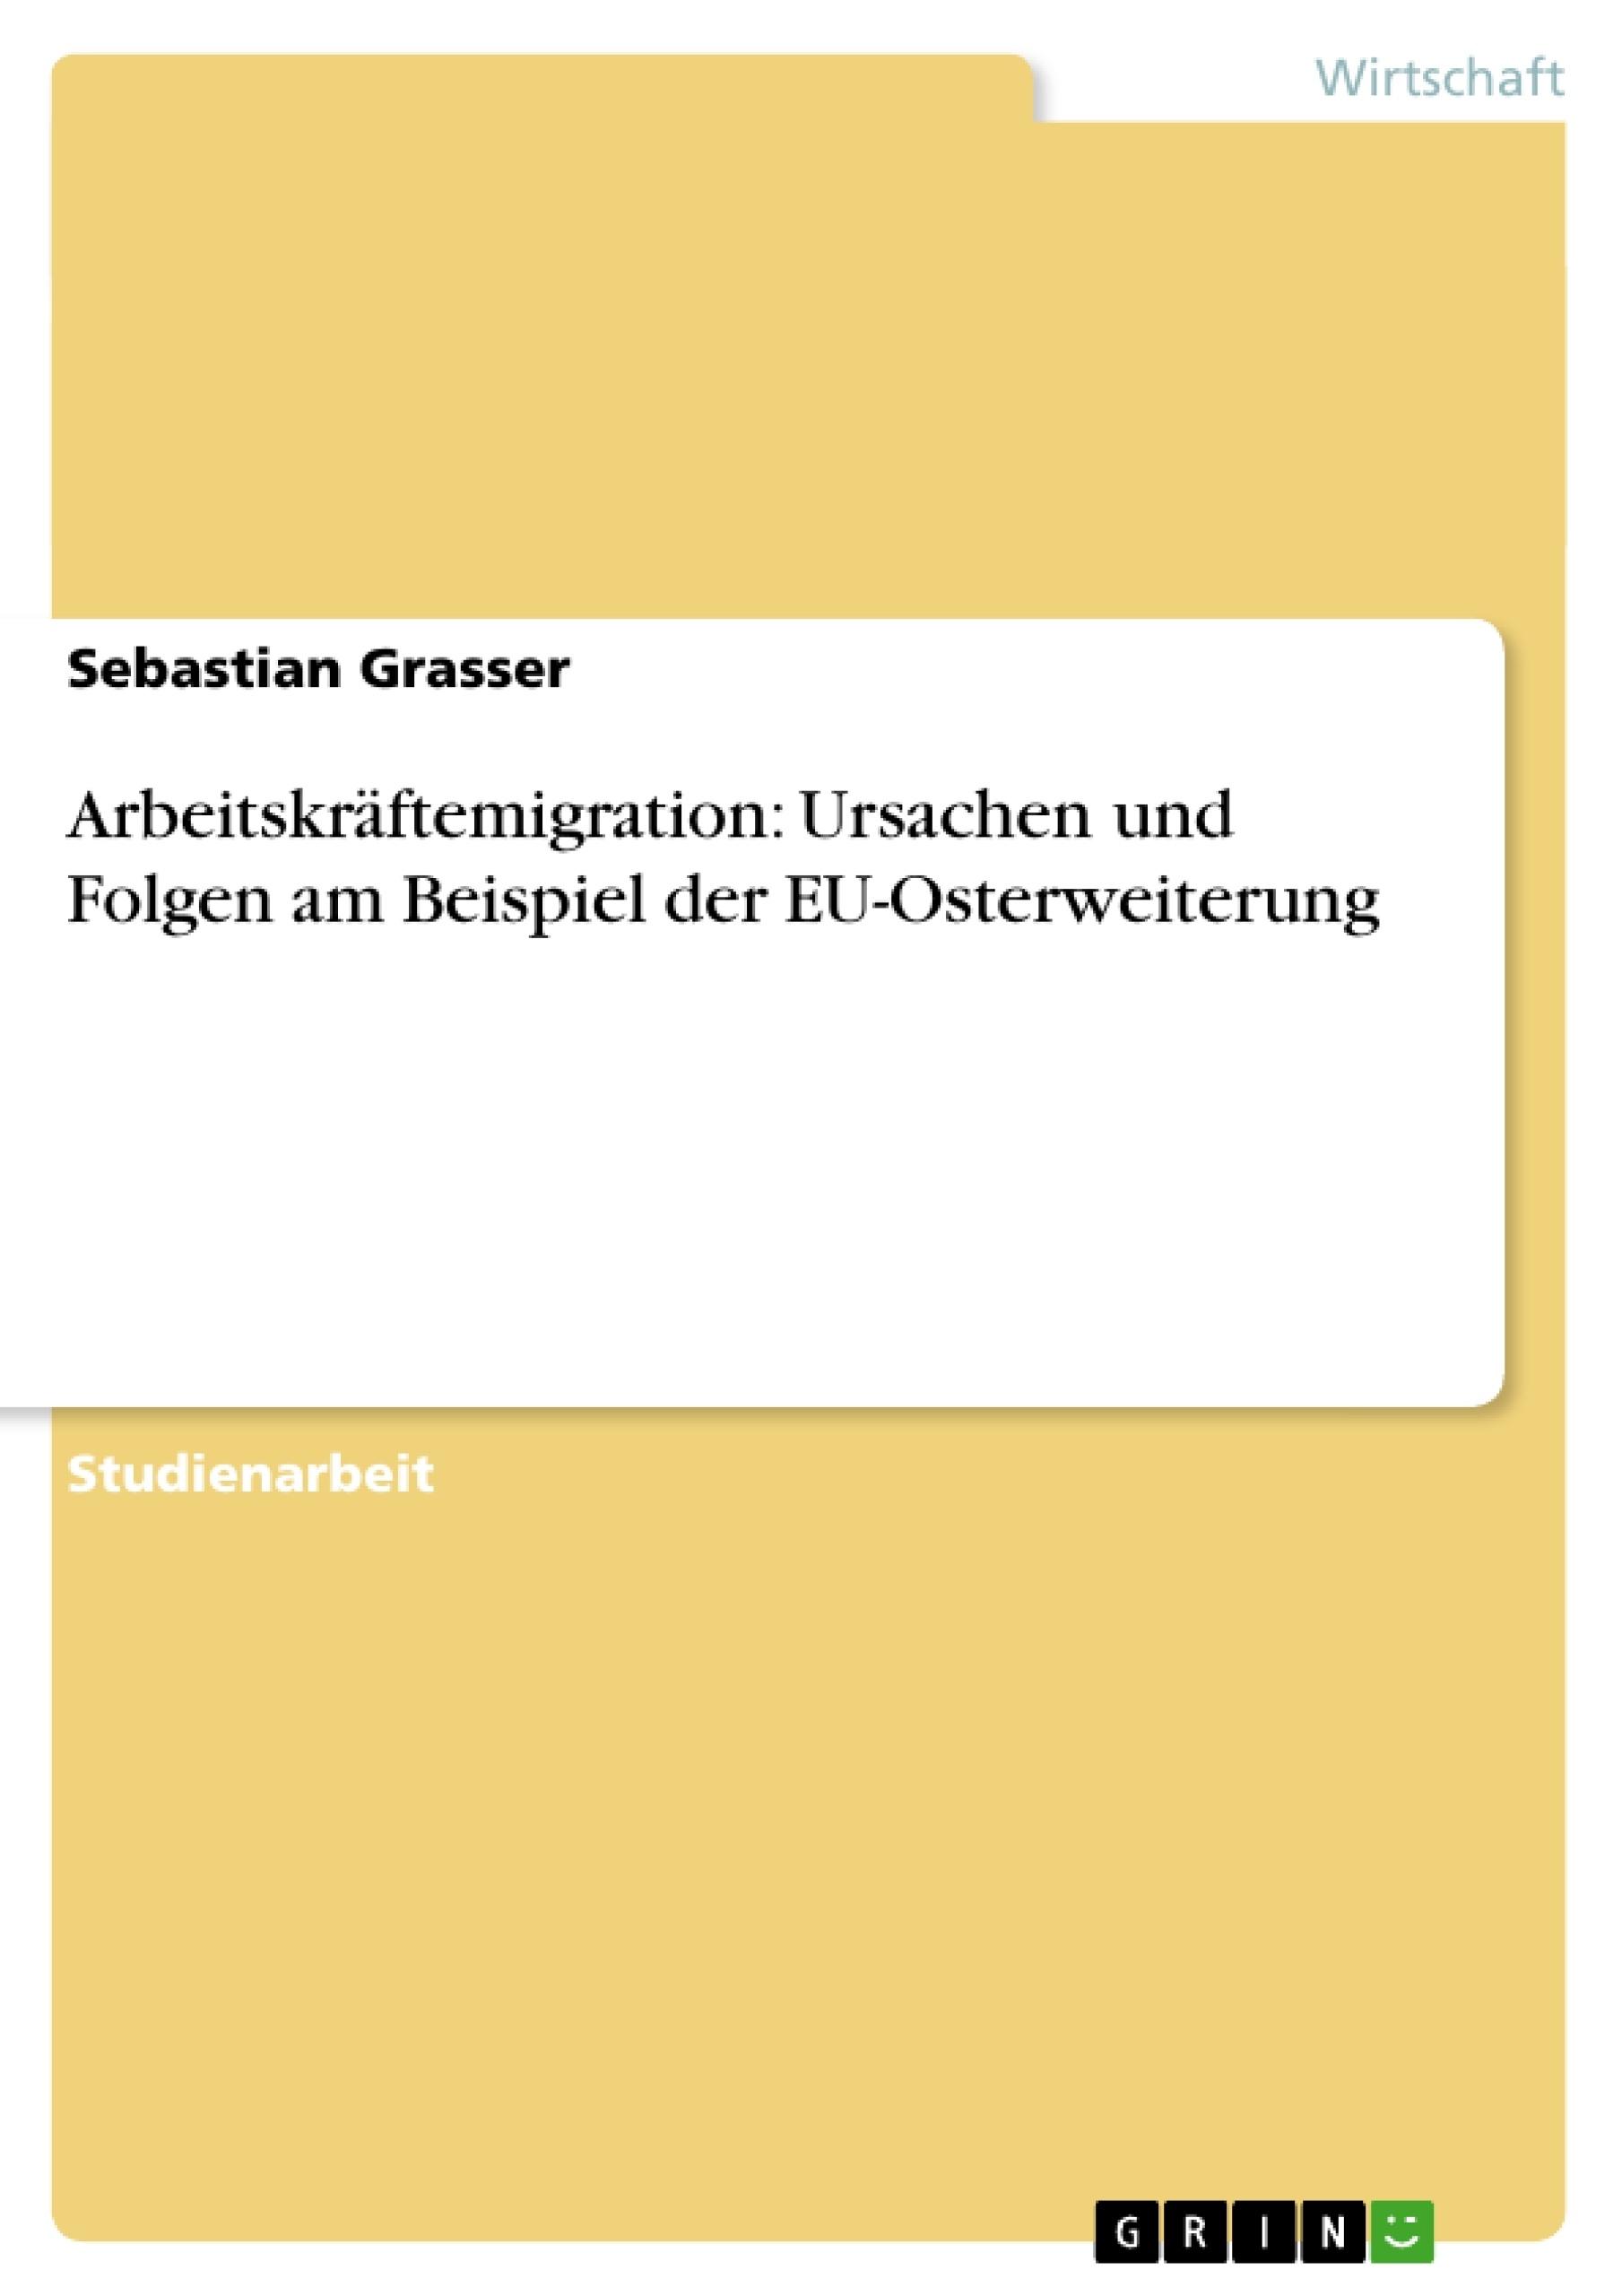 Titel: Arbeitskräftemigration: Ursachen und Folgen am Beispiel der EU-Osterweiterung